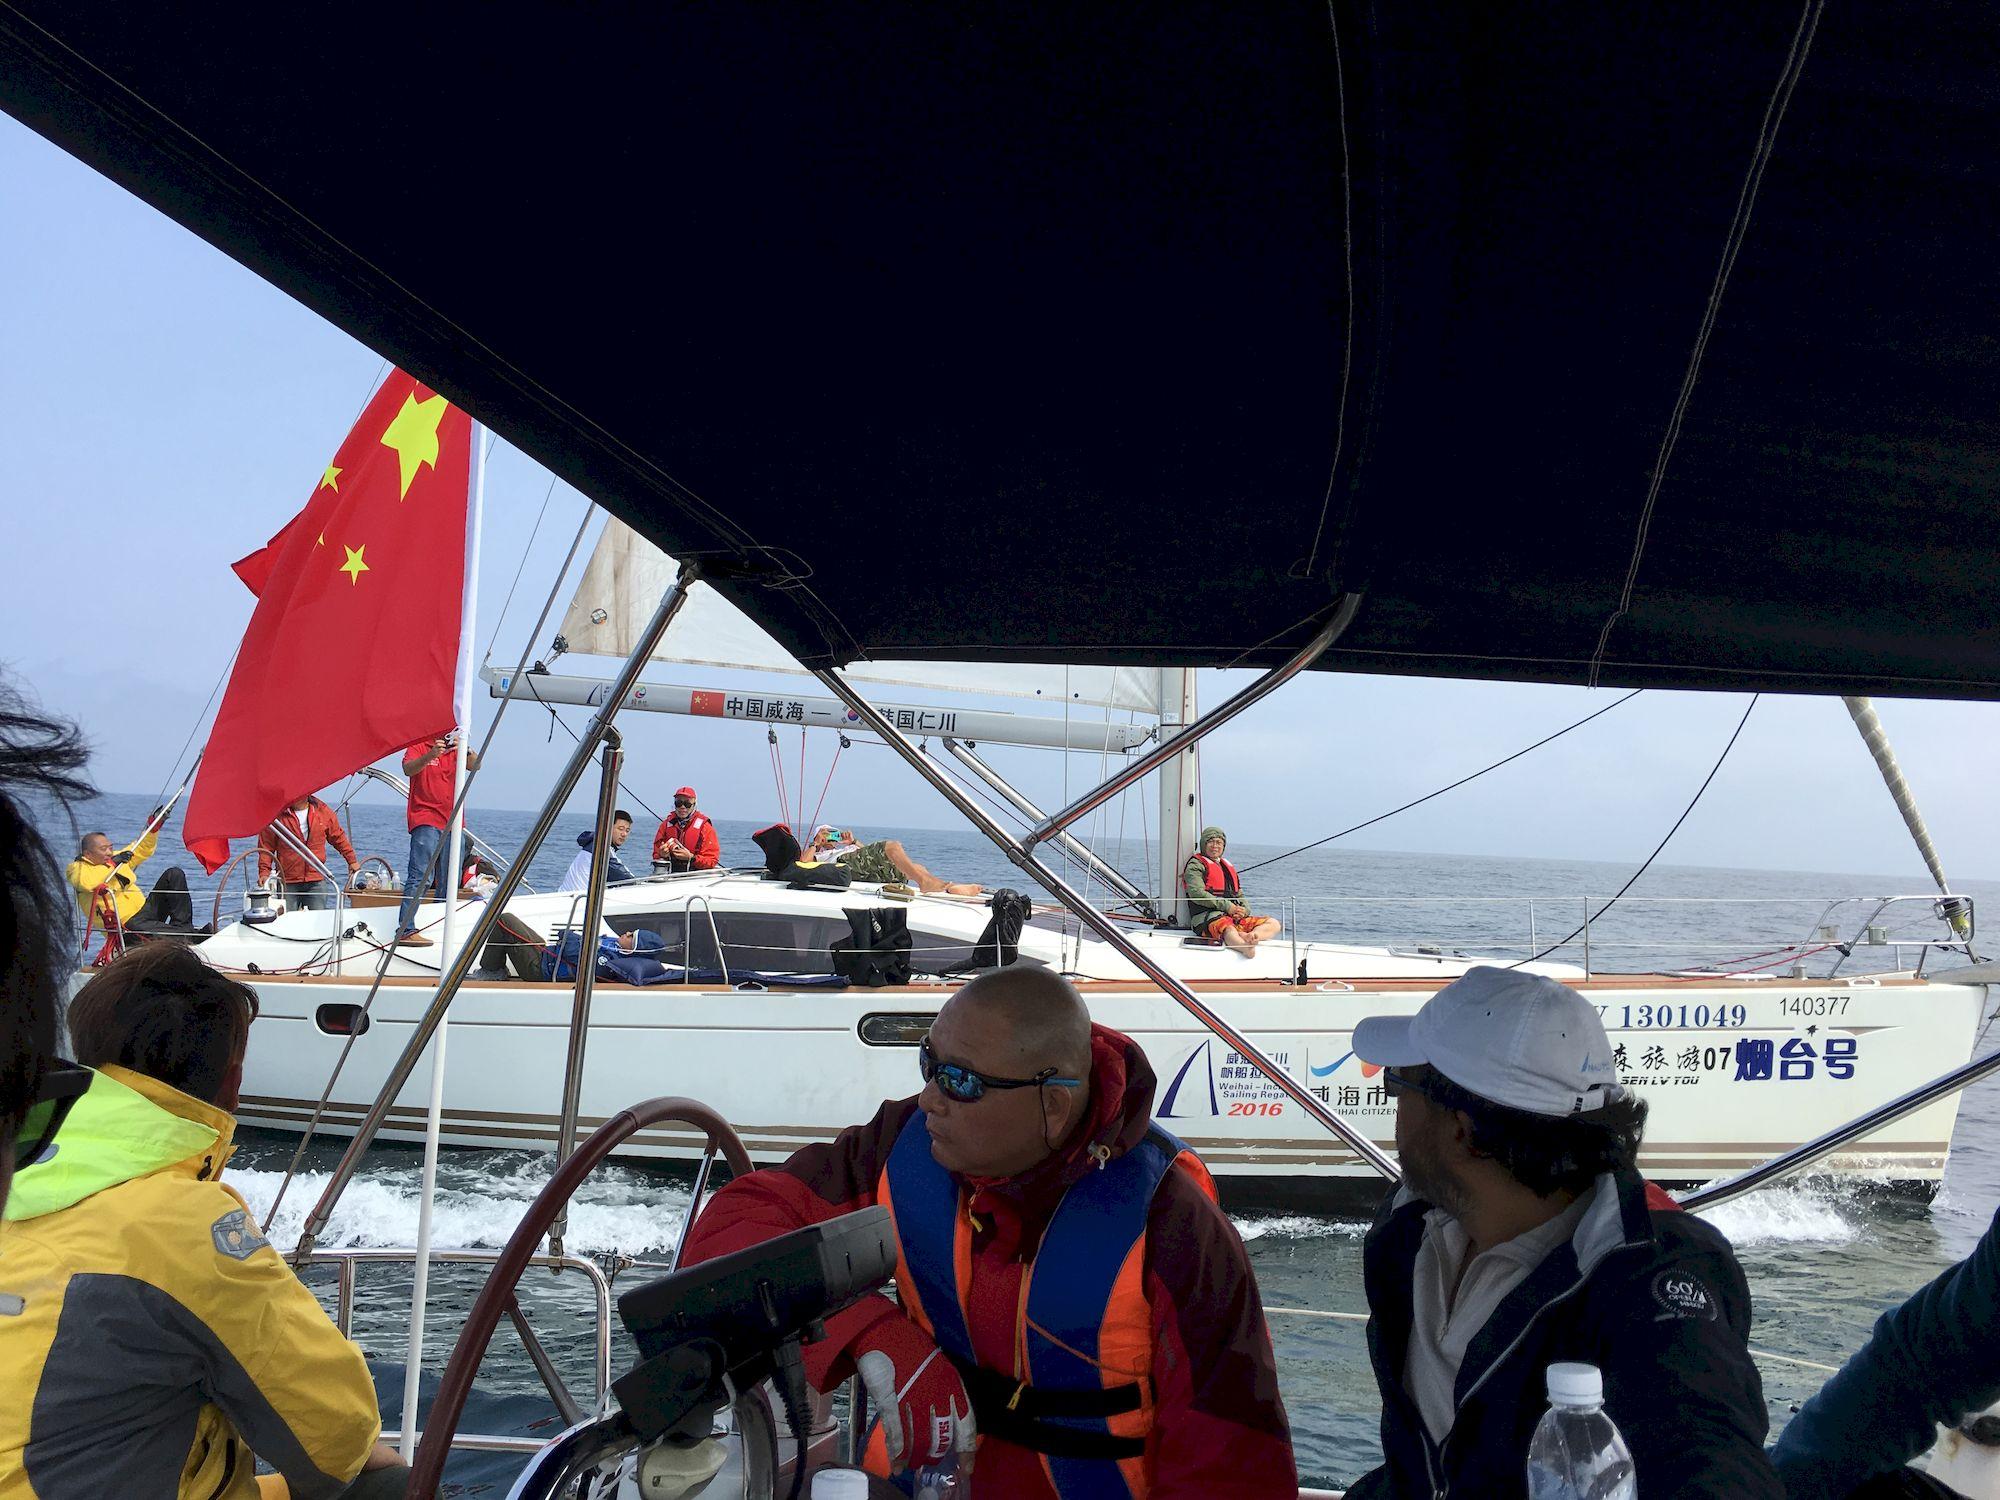 020-IMG_3023_千帆俱乐部我要航海网帆船队-2016威海-仁川国际帆船赛.JPG